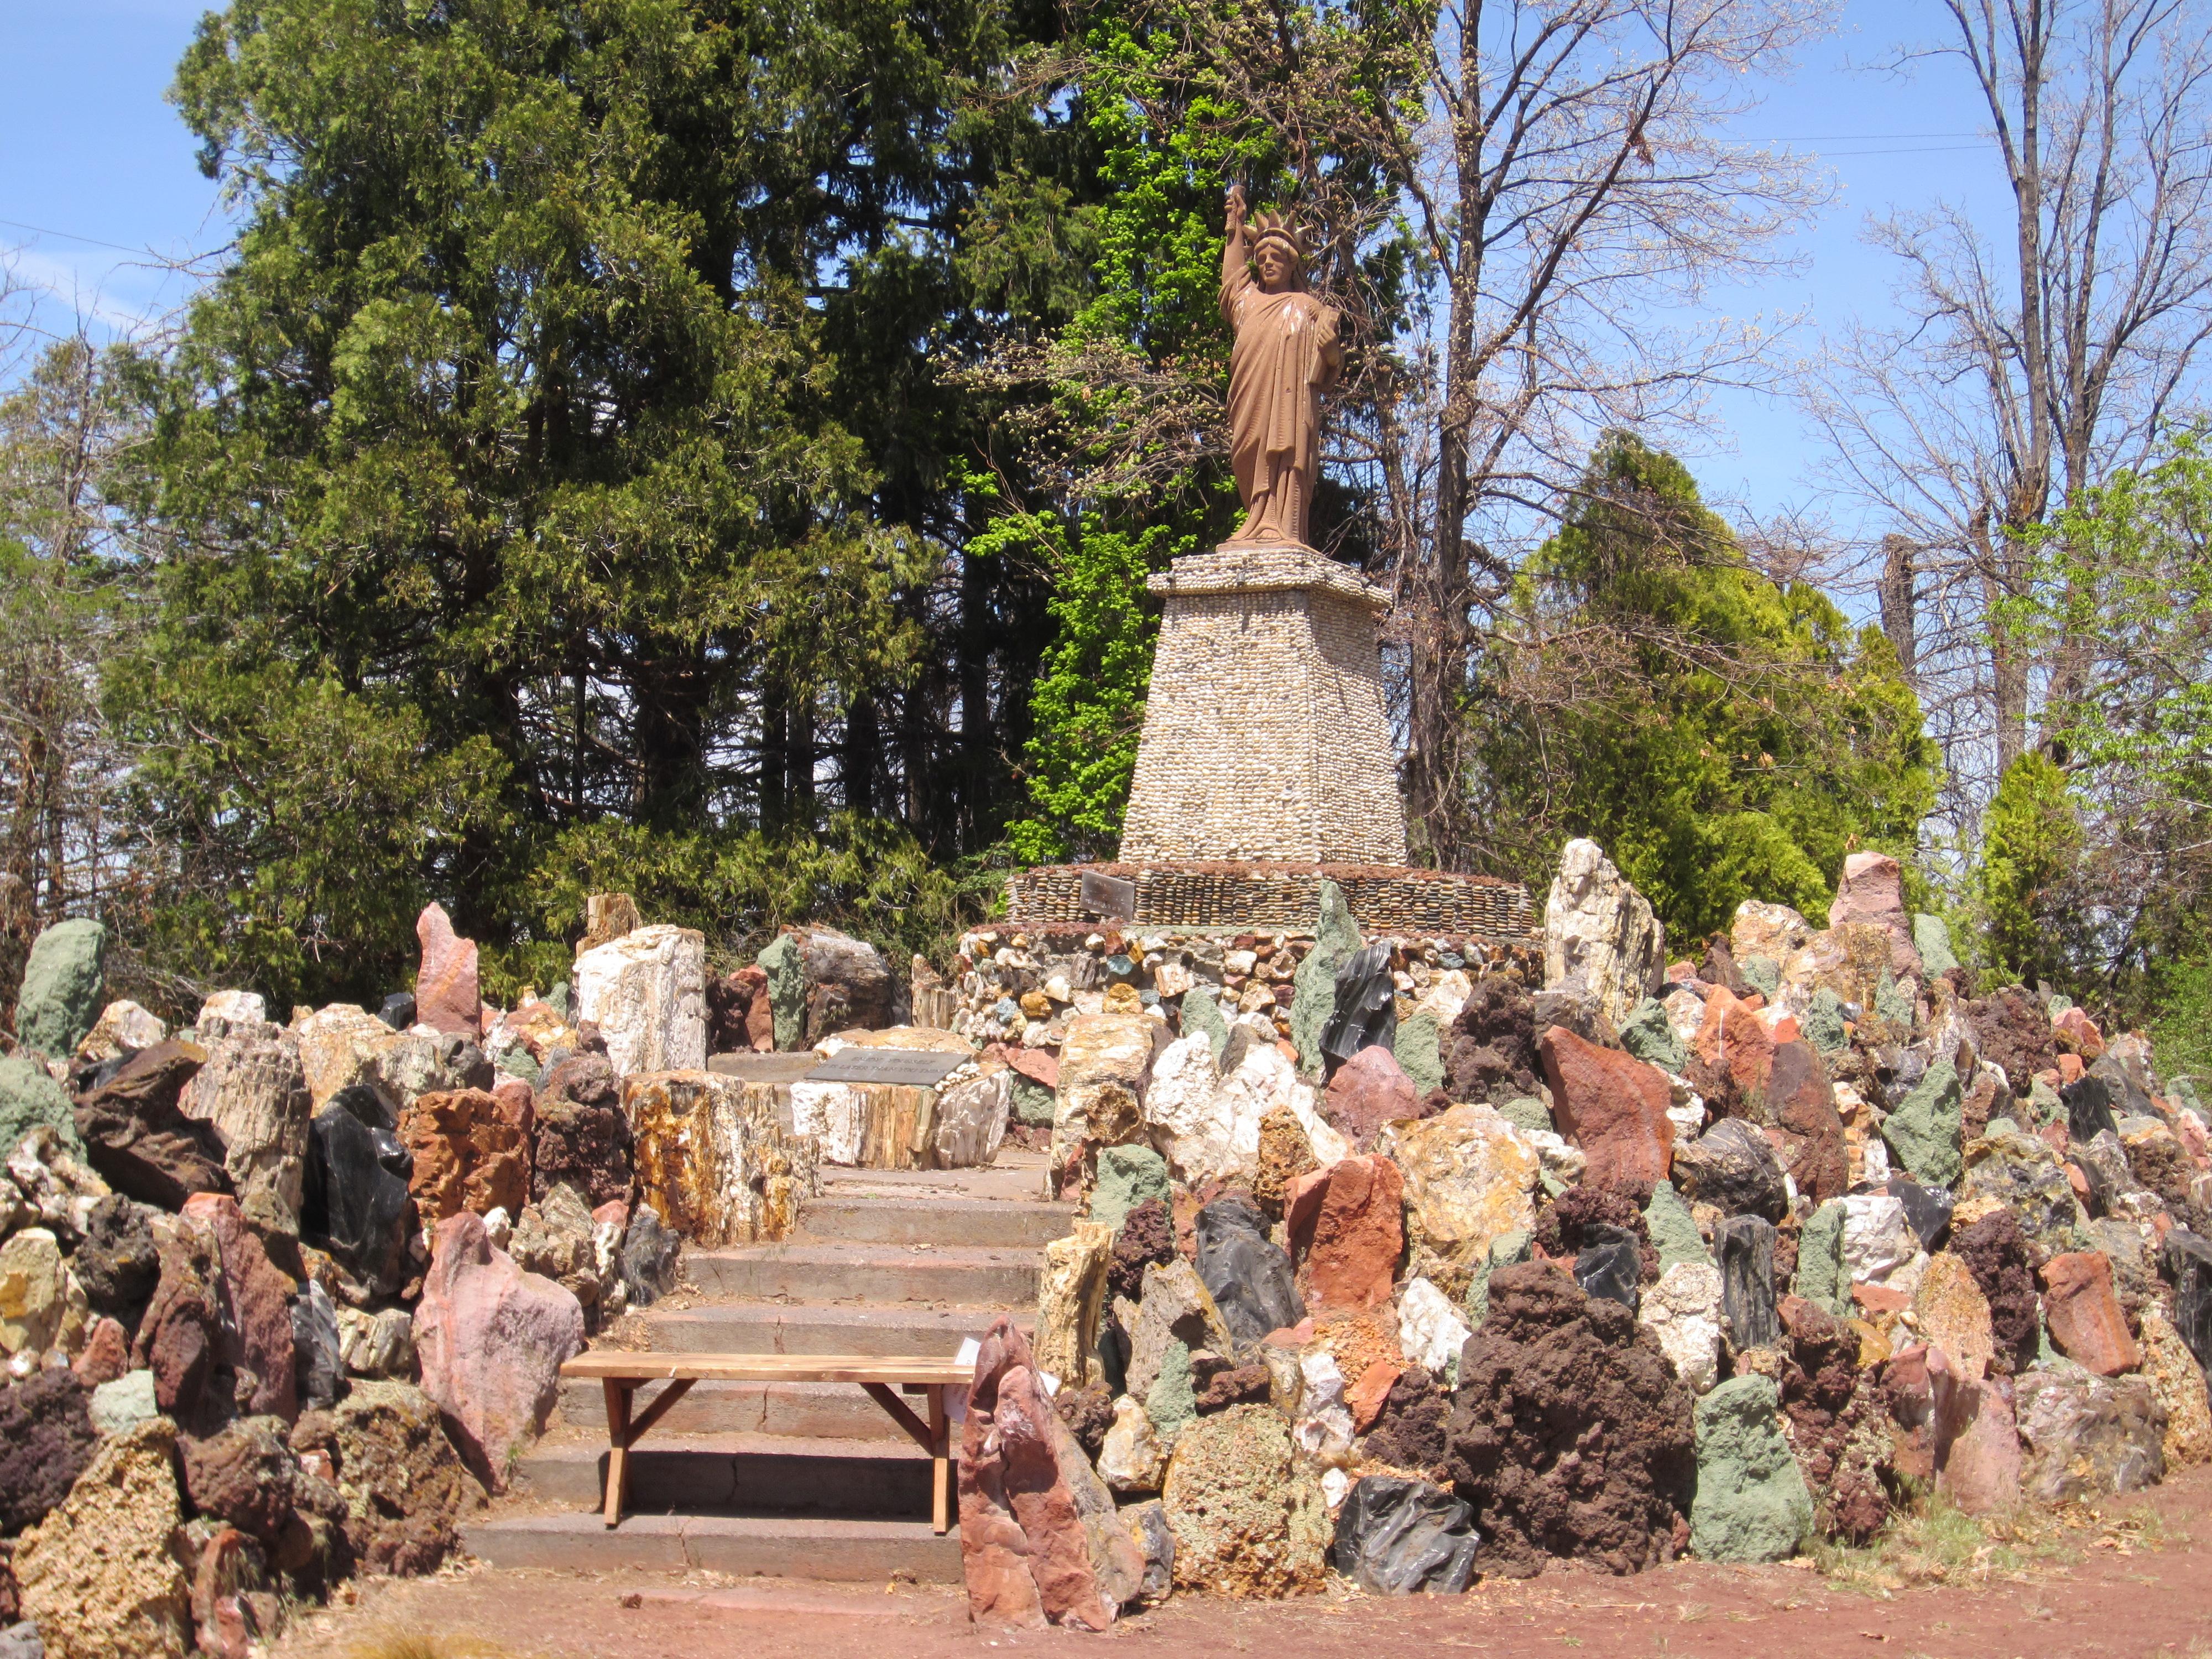 Incroyable File:Petersen Rock Garden   Oregon (2013)   32.JPG